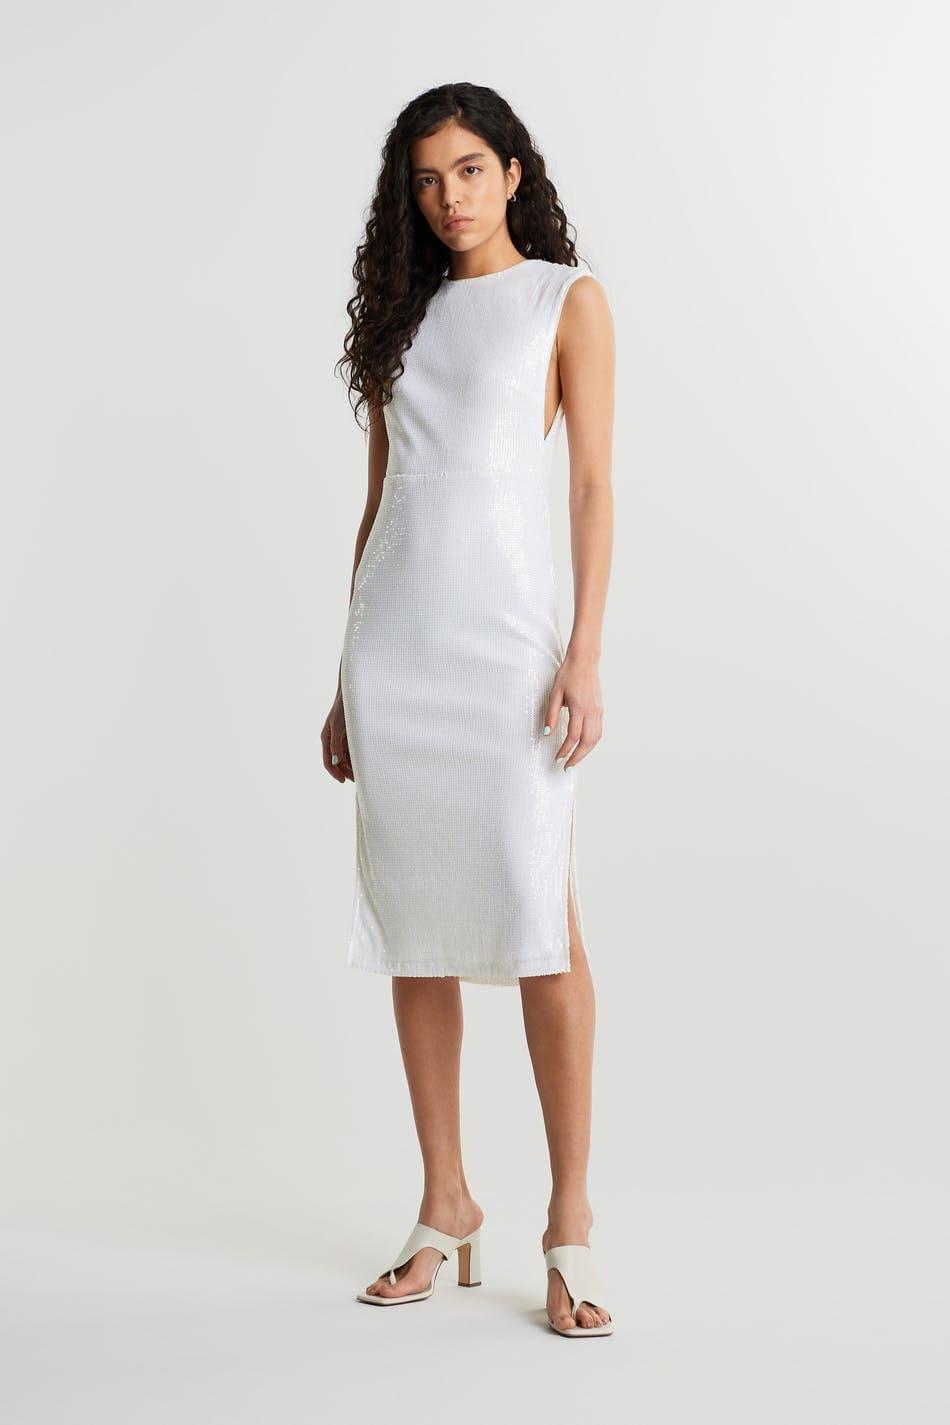 Vit klänning utan ärmar med paljetter